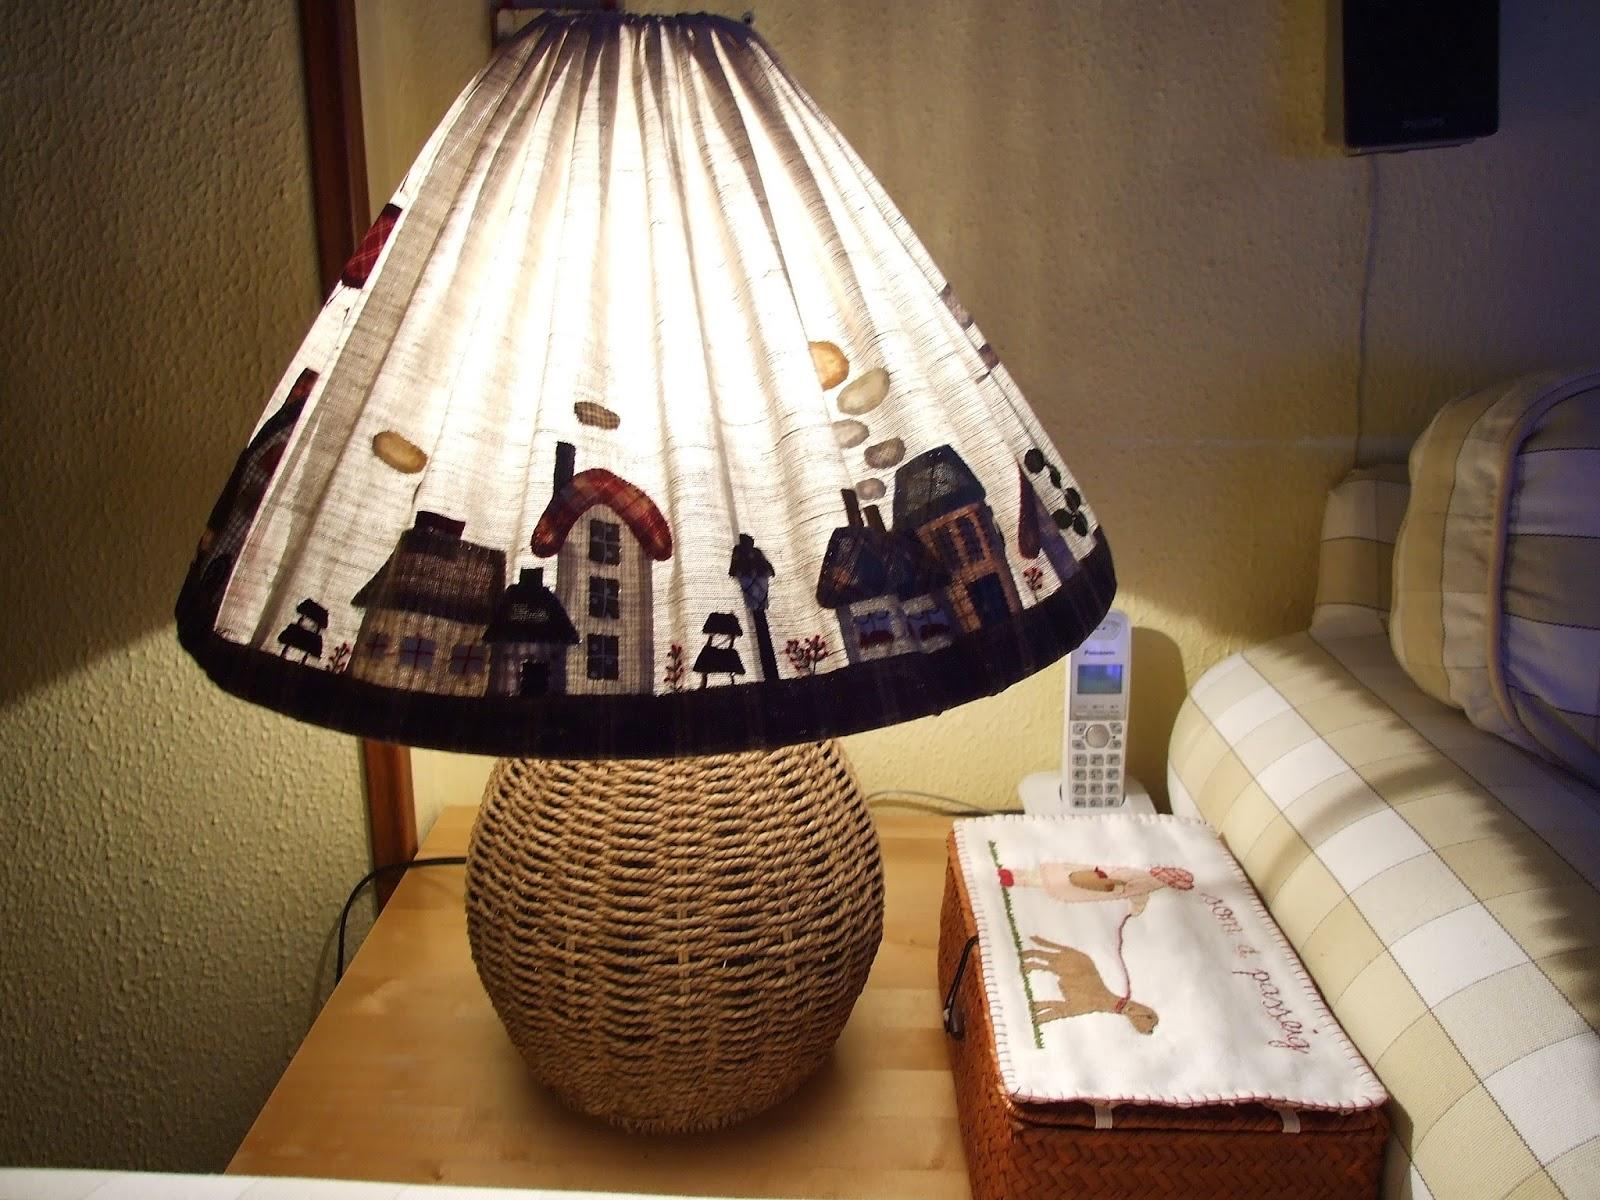 Mi peque o mundo patchwork pantalla lampara de toshiko matsou - Pantallas de lamparas ...